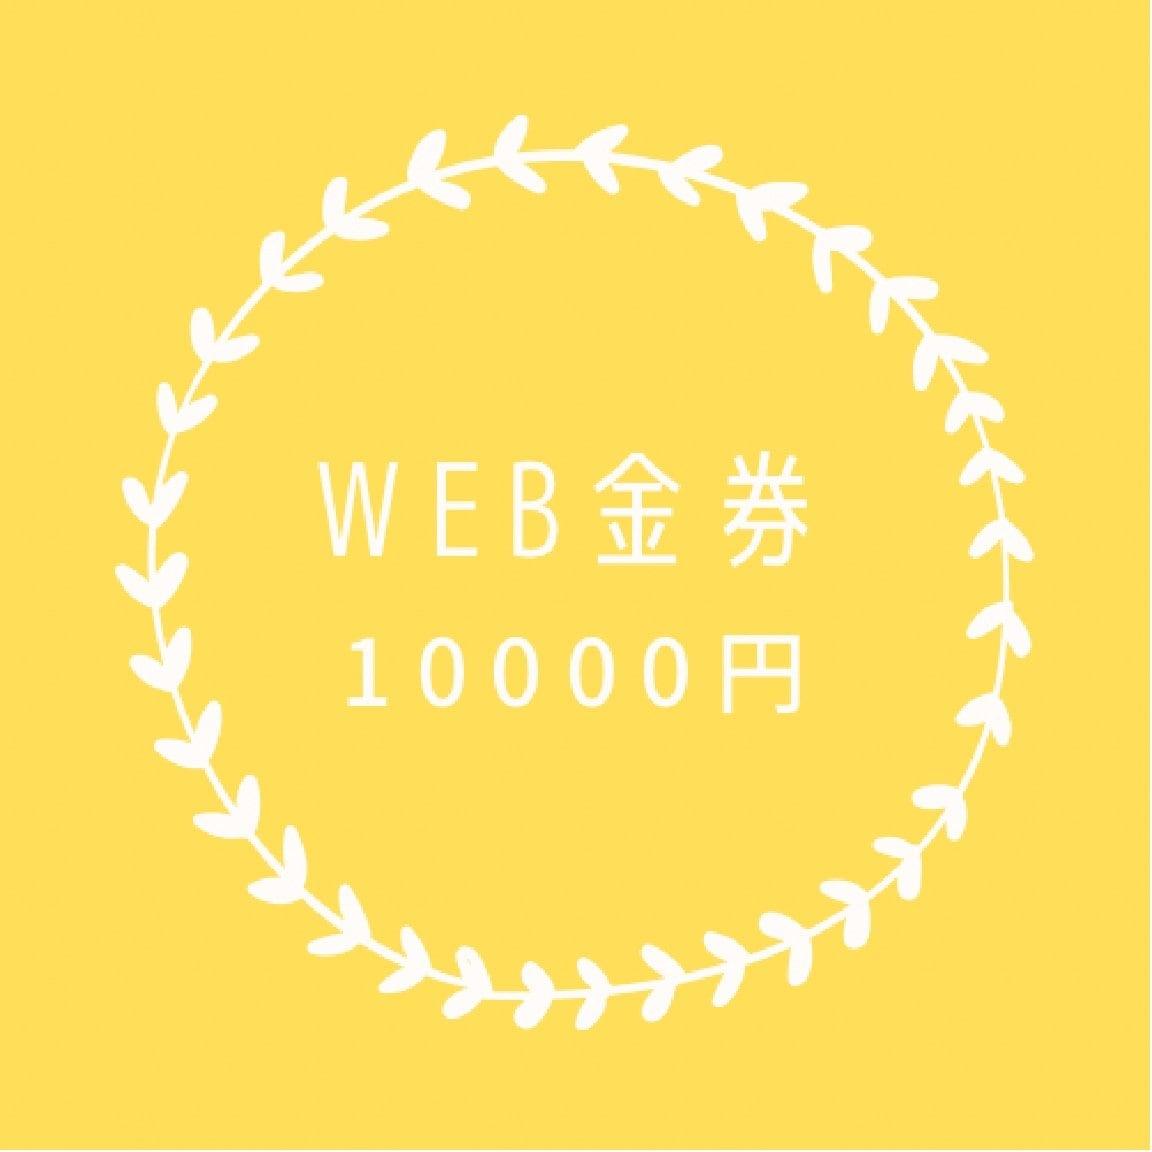 【レトロ居酒屋219専用】WEB用10000円金券 ※10500円分 ※ポイント500㌽付与のイメージその1